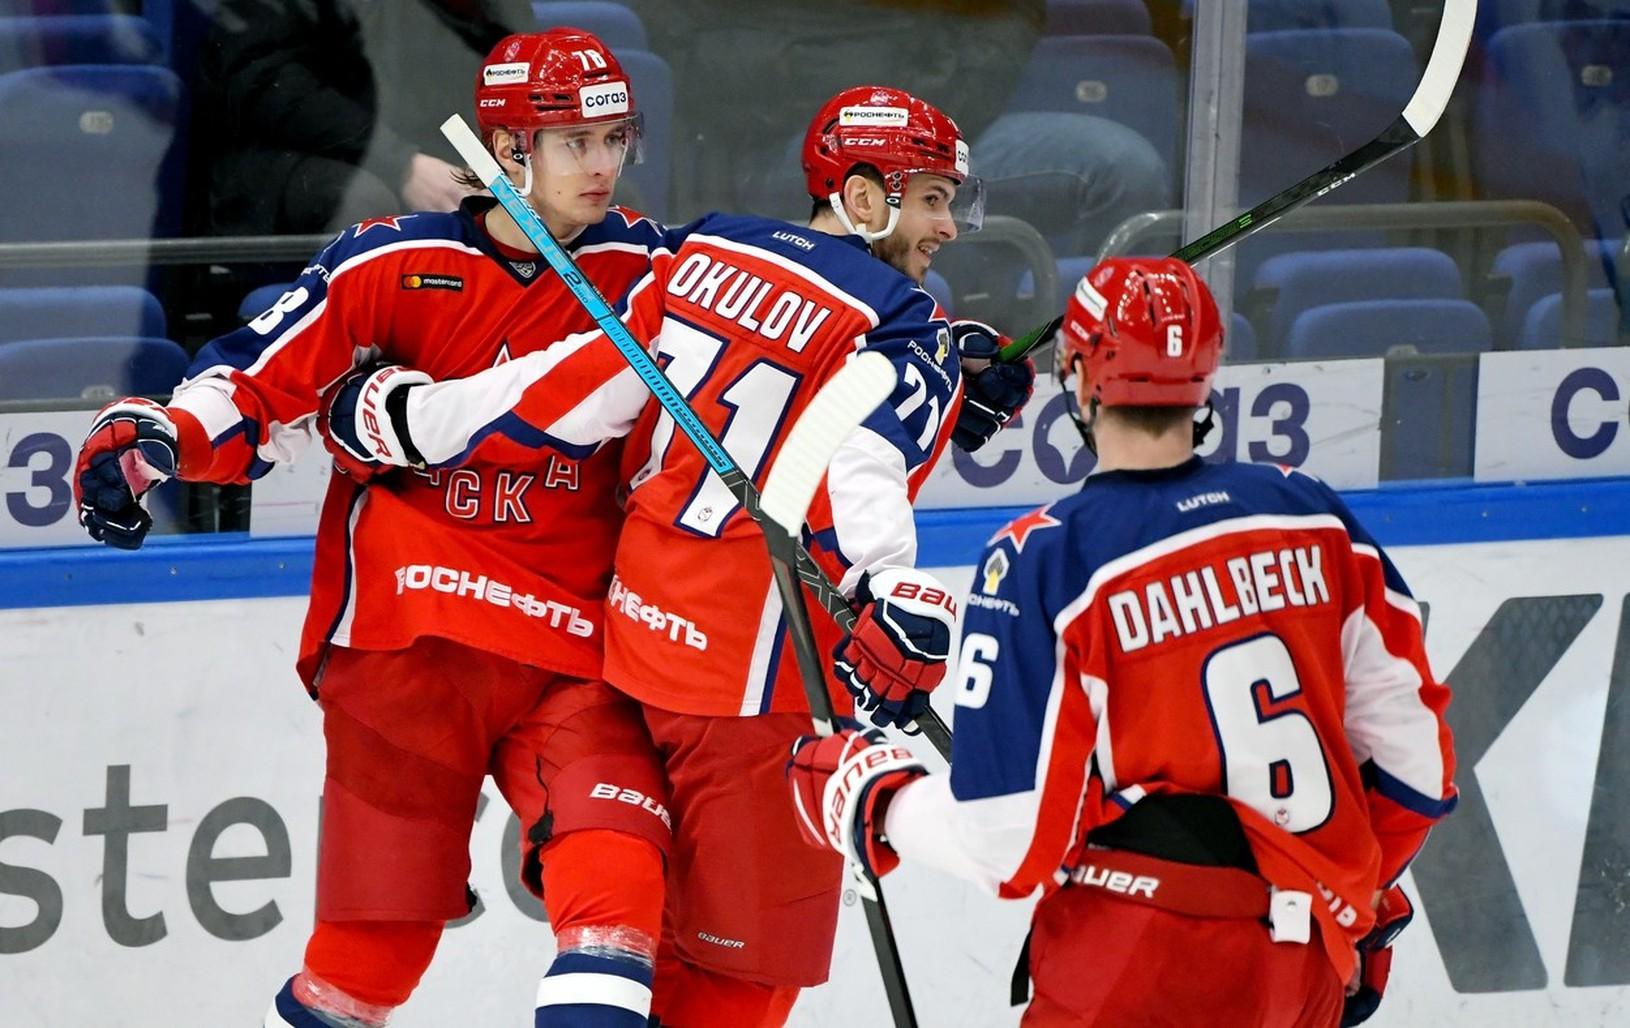 Radosť hráčov CSKA Moskva